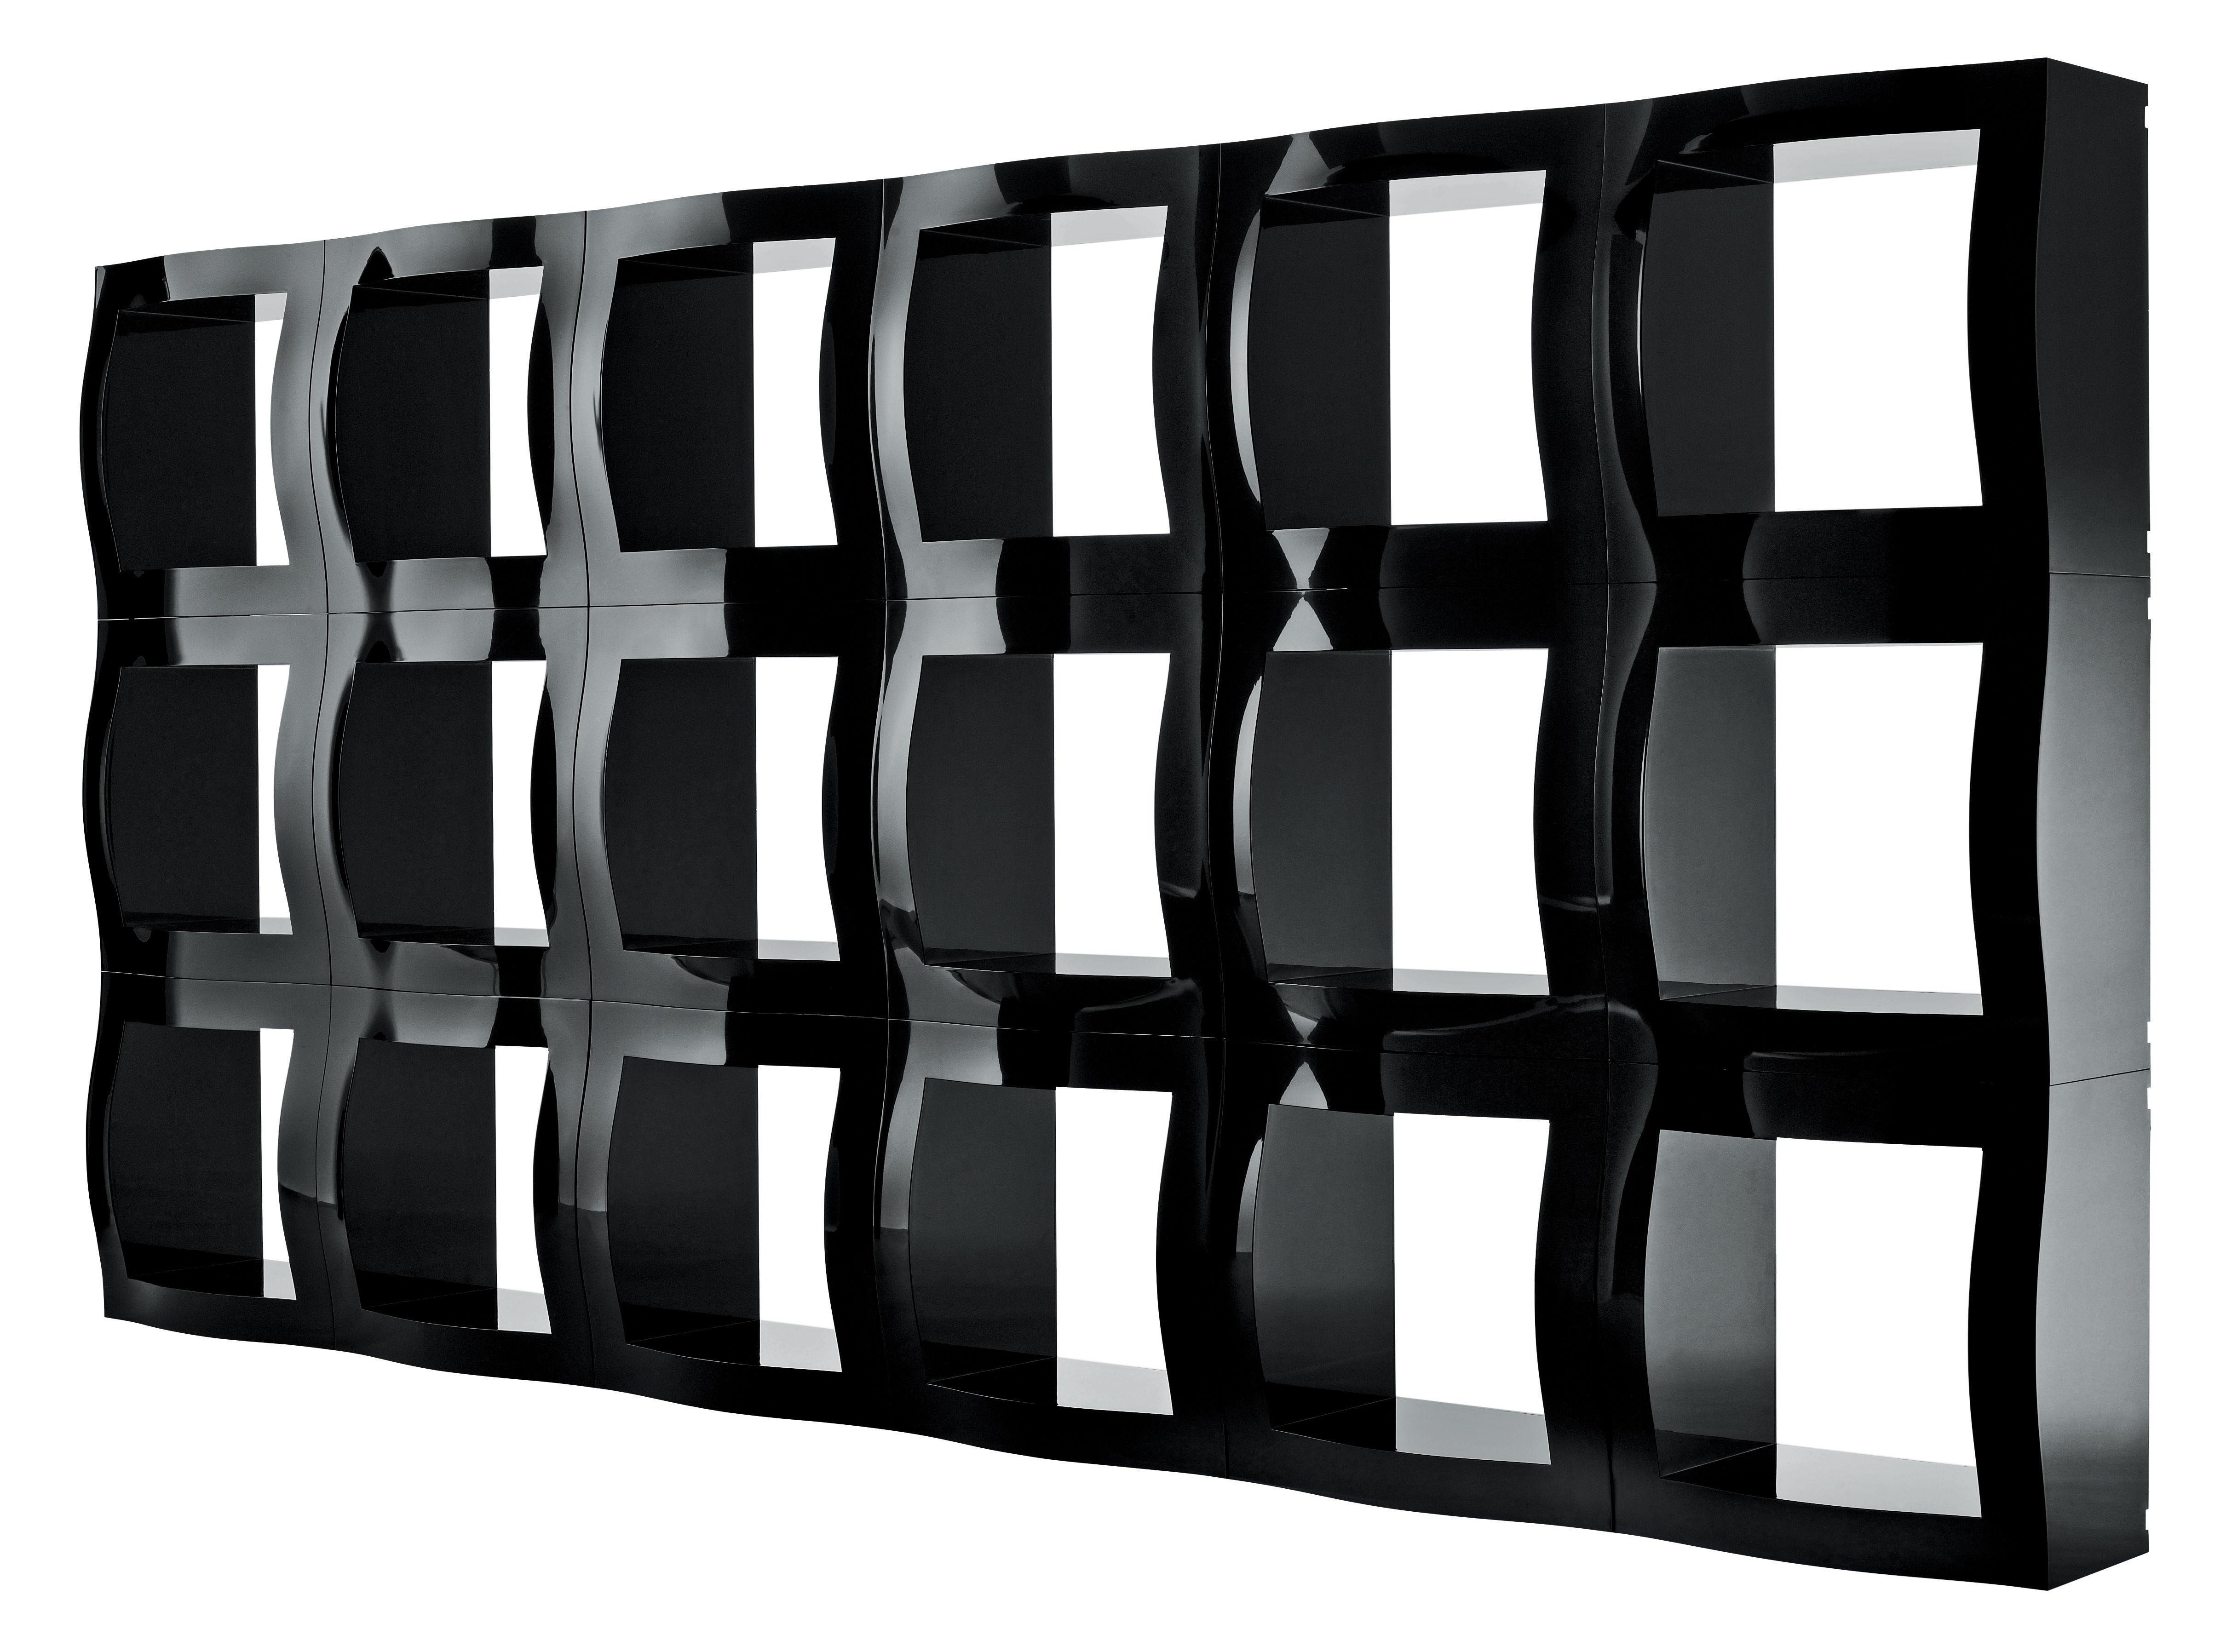 etag re boogie woogie cube modulaire 52 x 52 cm noir sans fond magis. Black Bedroom Furniture Sets. Home Design Ideas